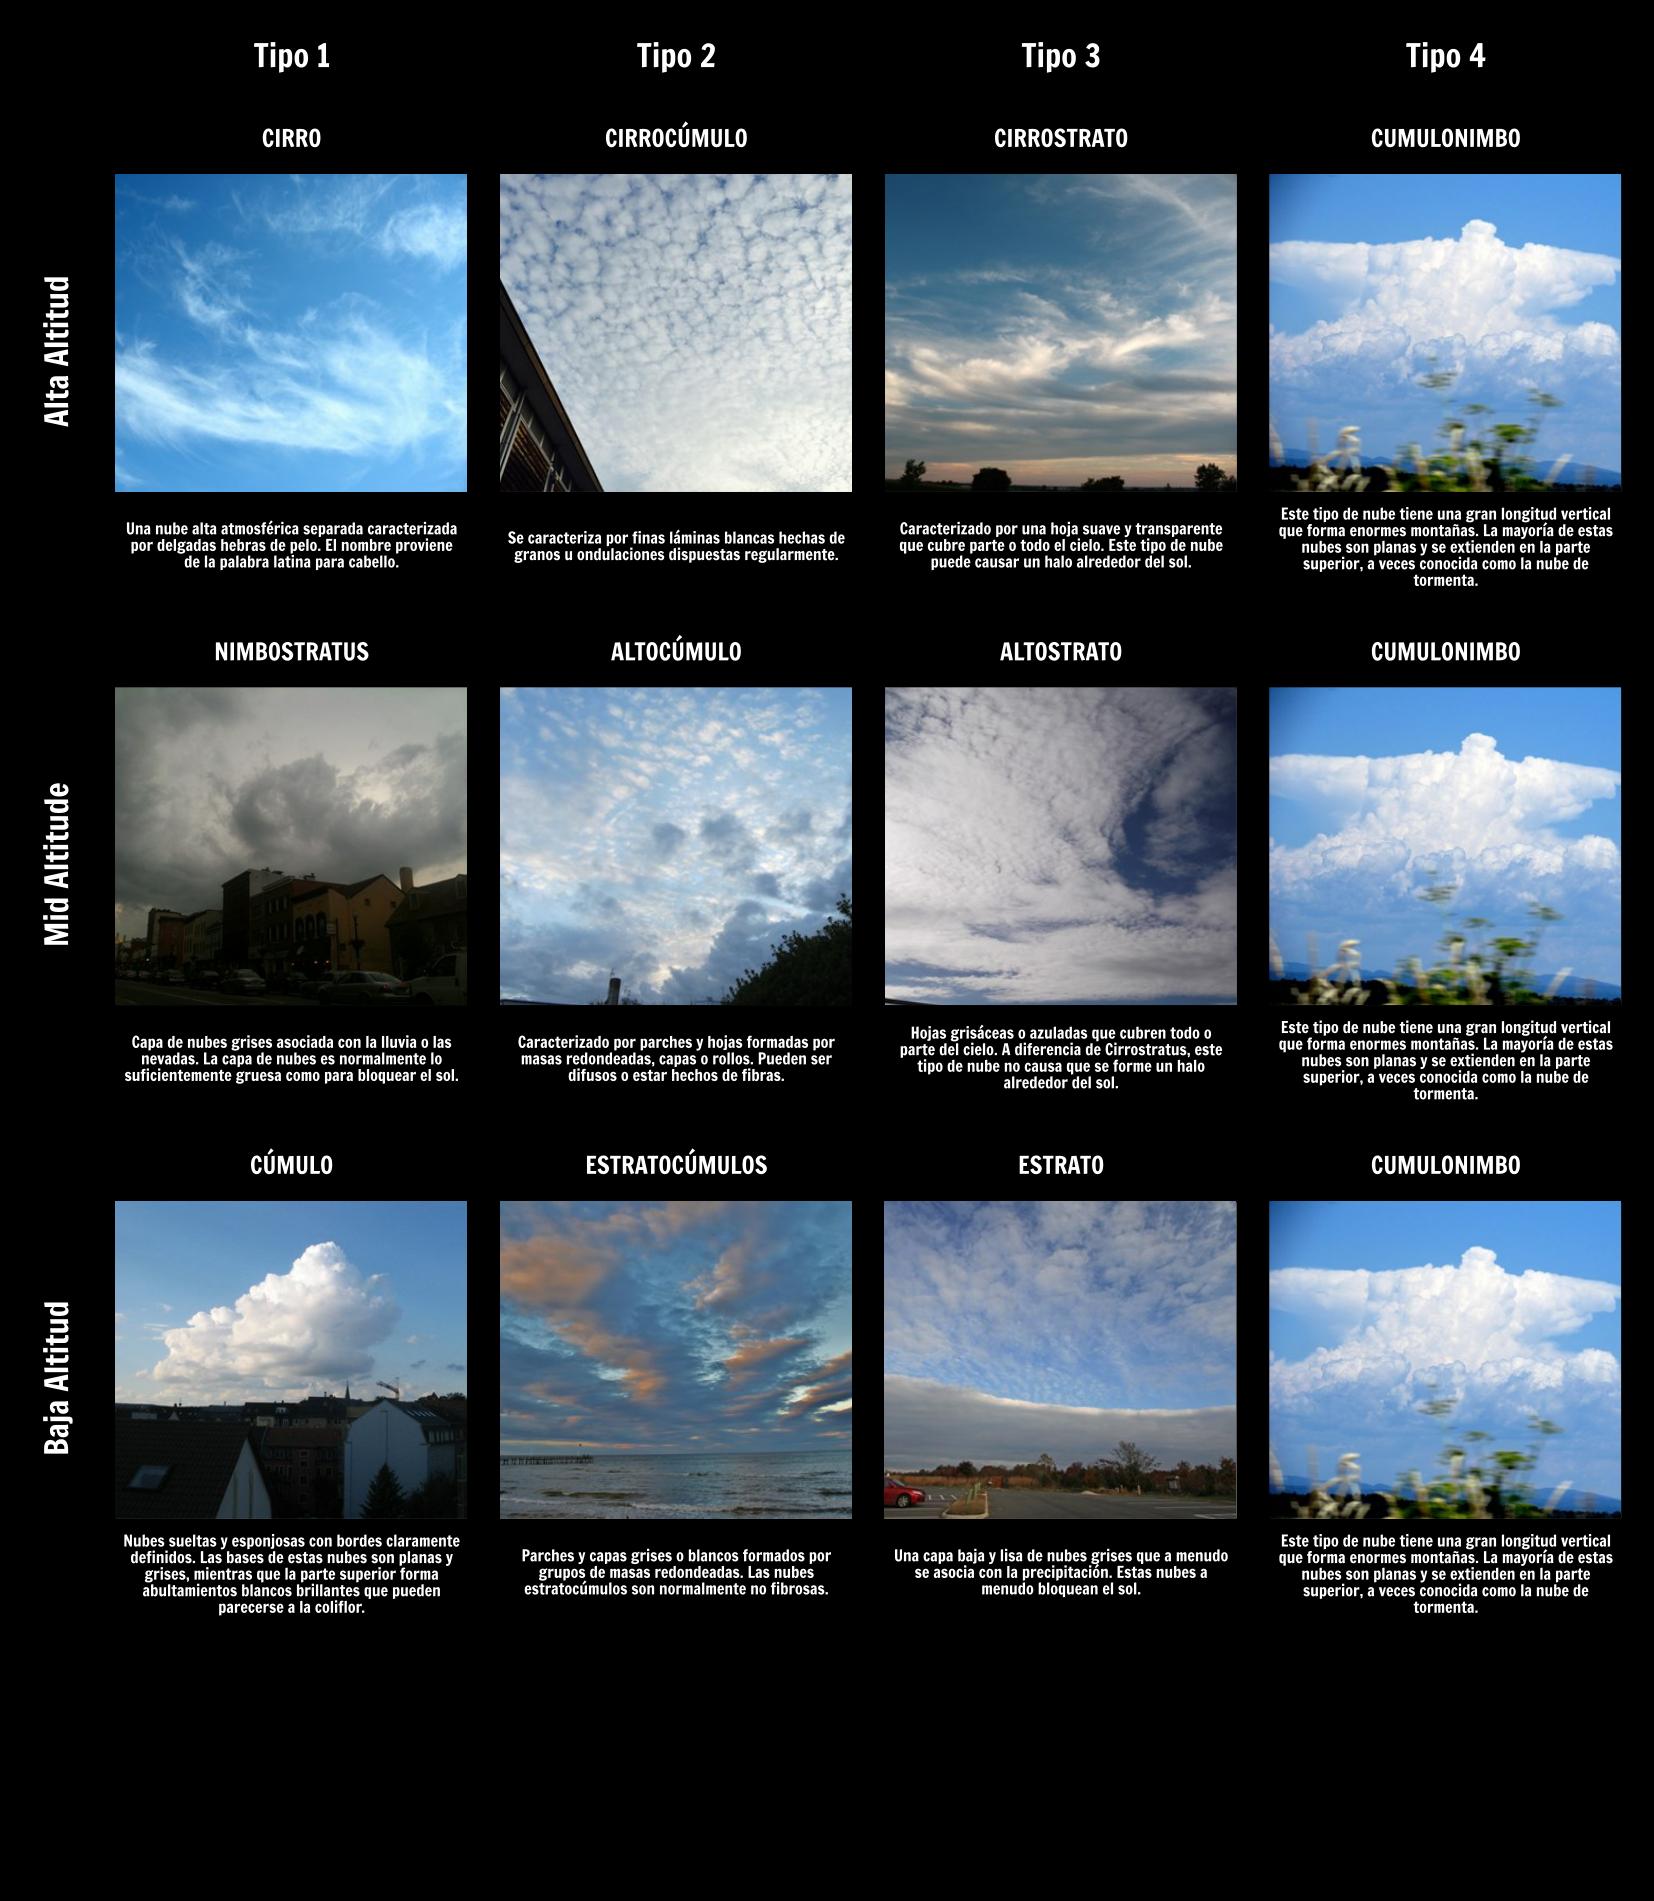 Tipos De Nubes Tiempo Y Actividades Climáticas